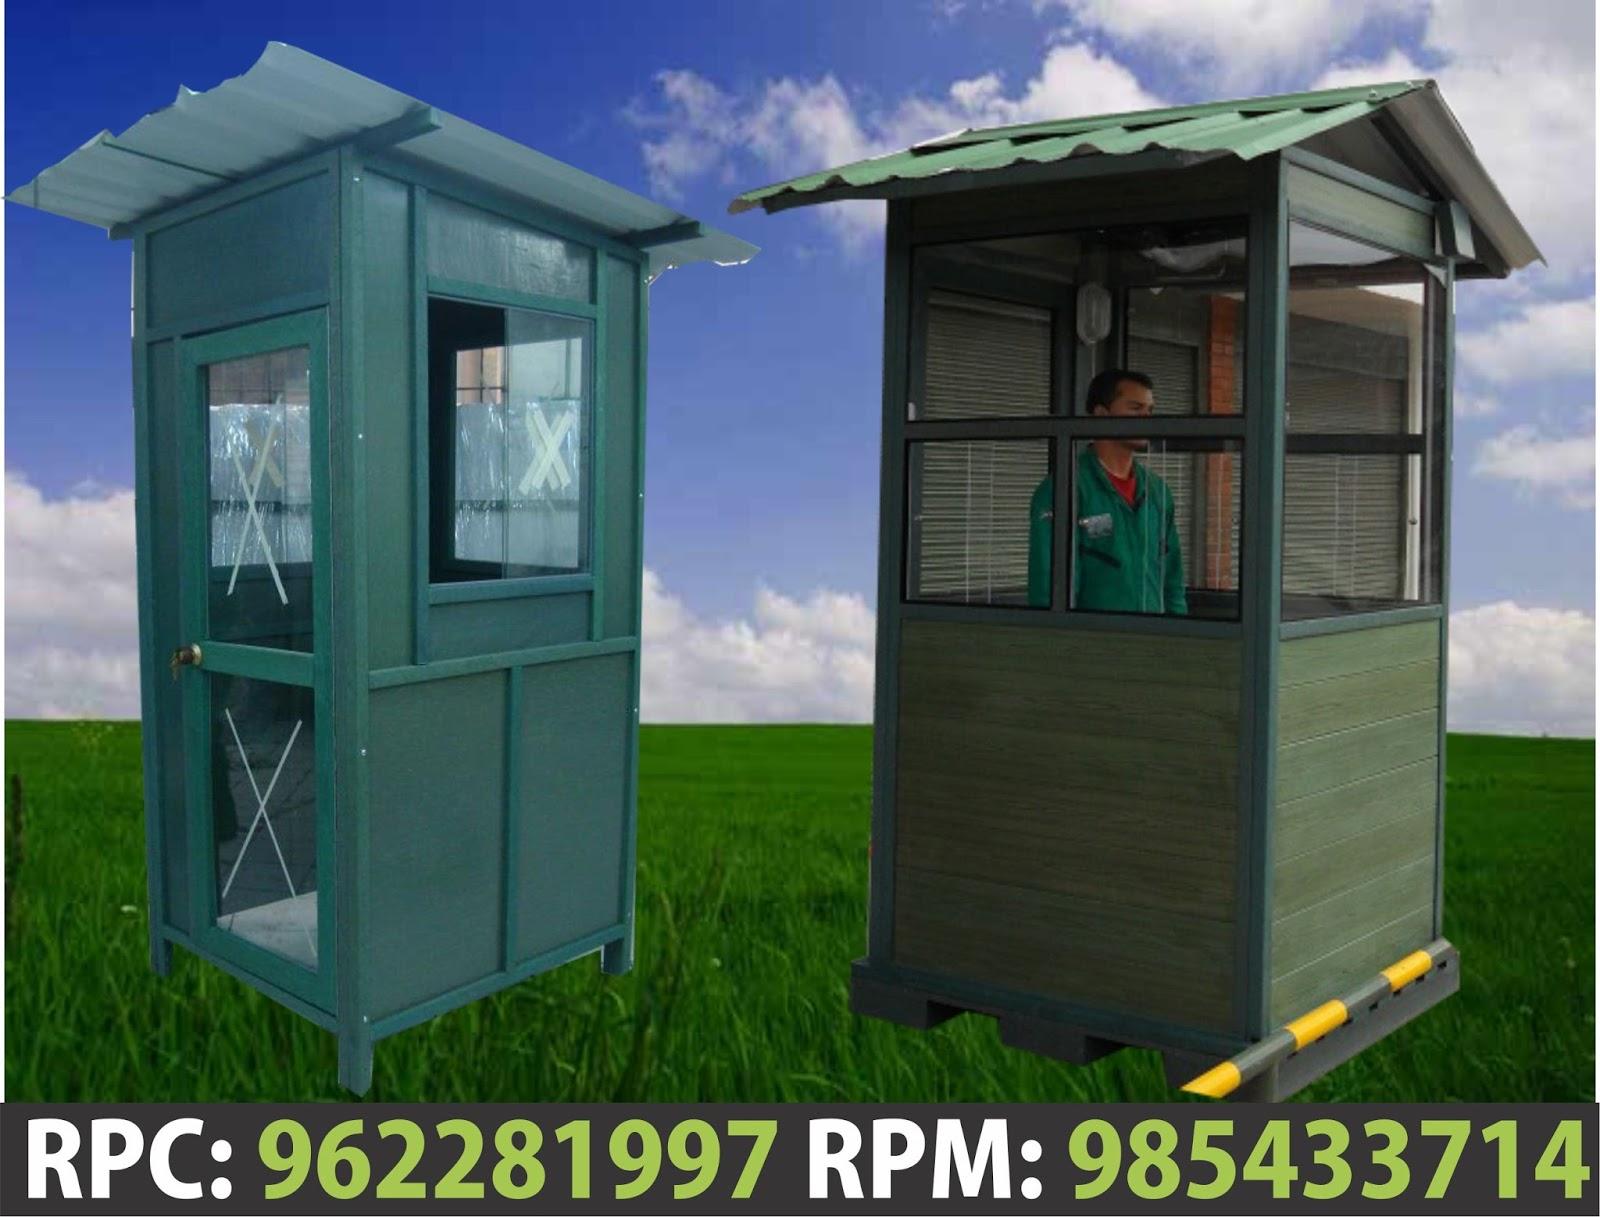 Casetas de seguridad y o vigilancia en peru for Casas y casetas prefabricadas